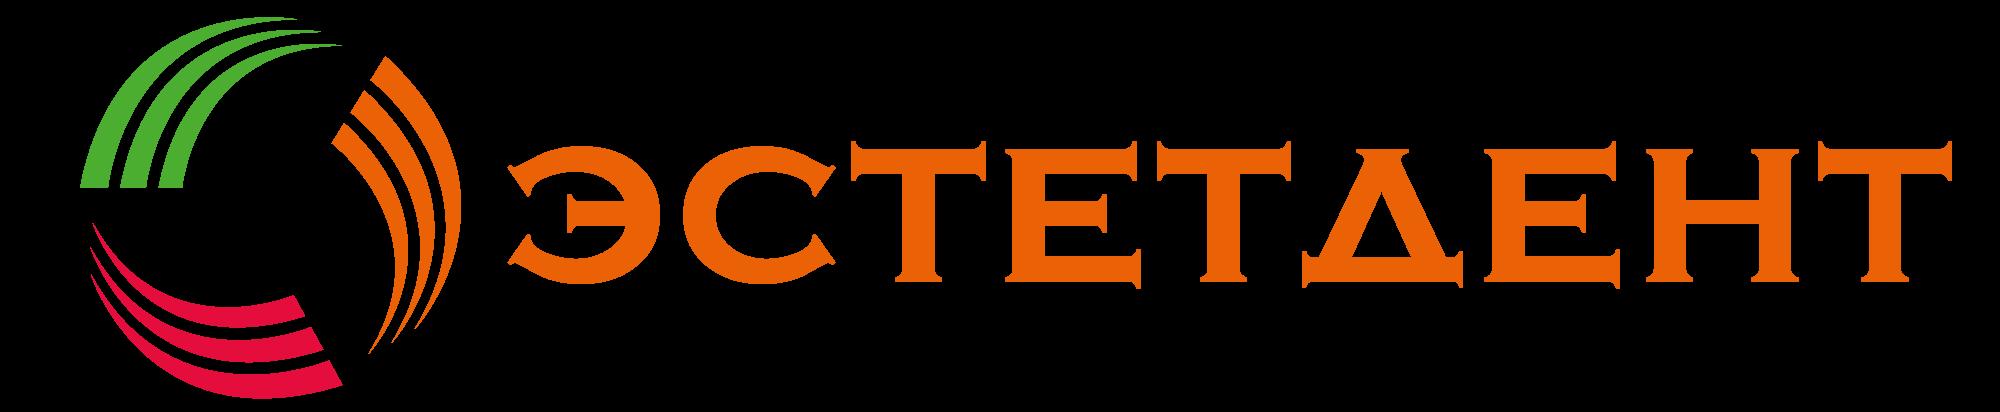 ЭстетДент